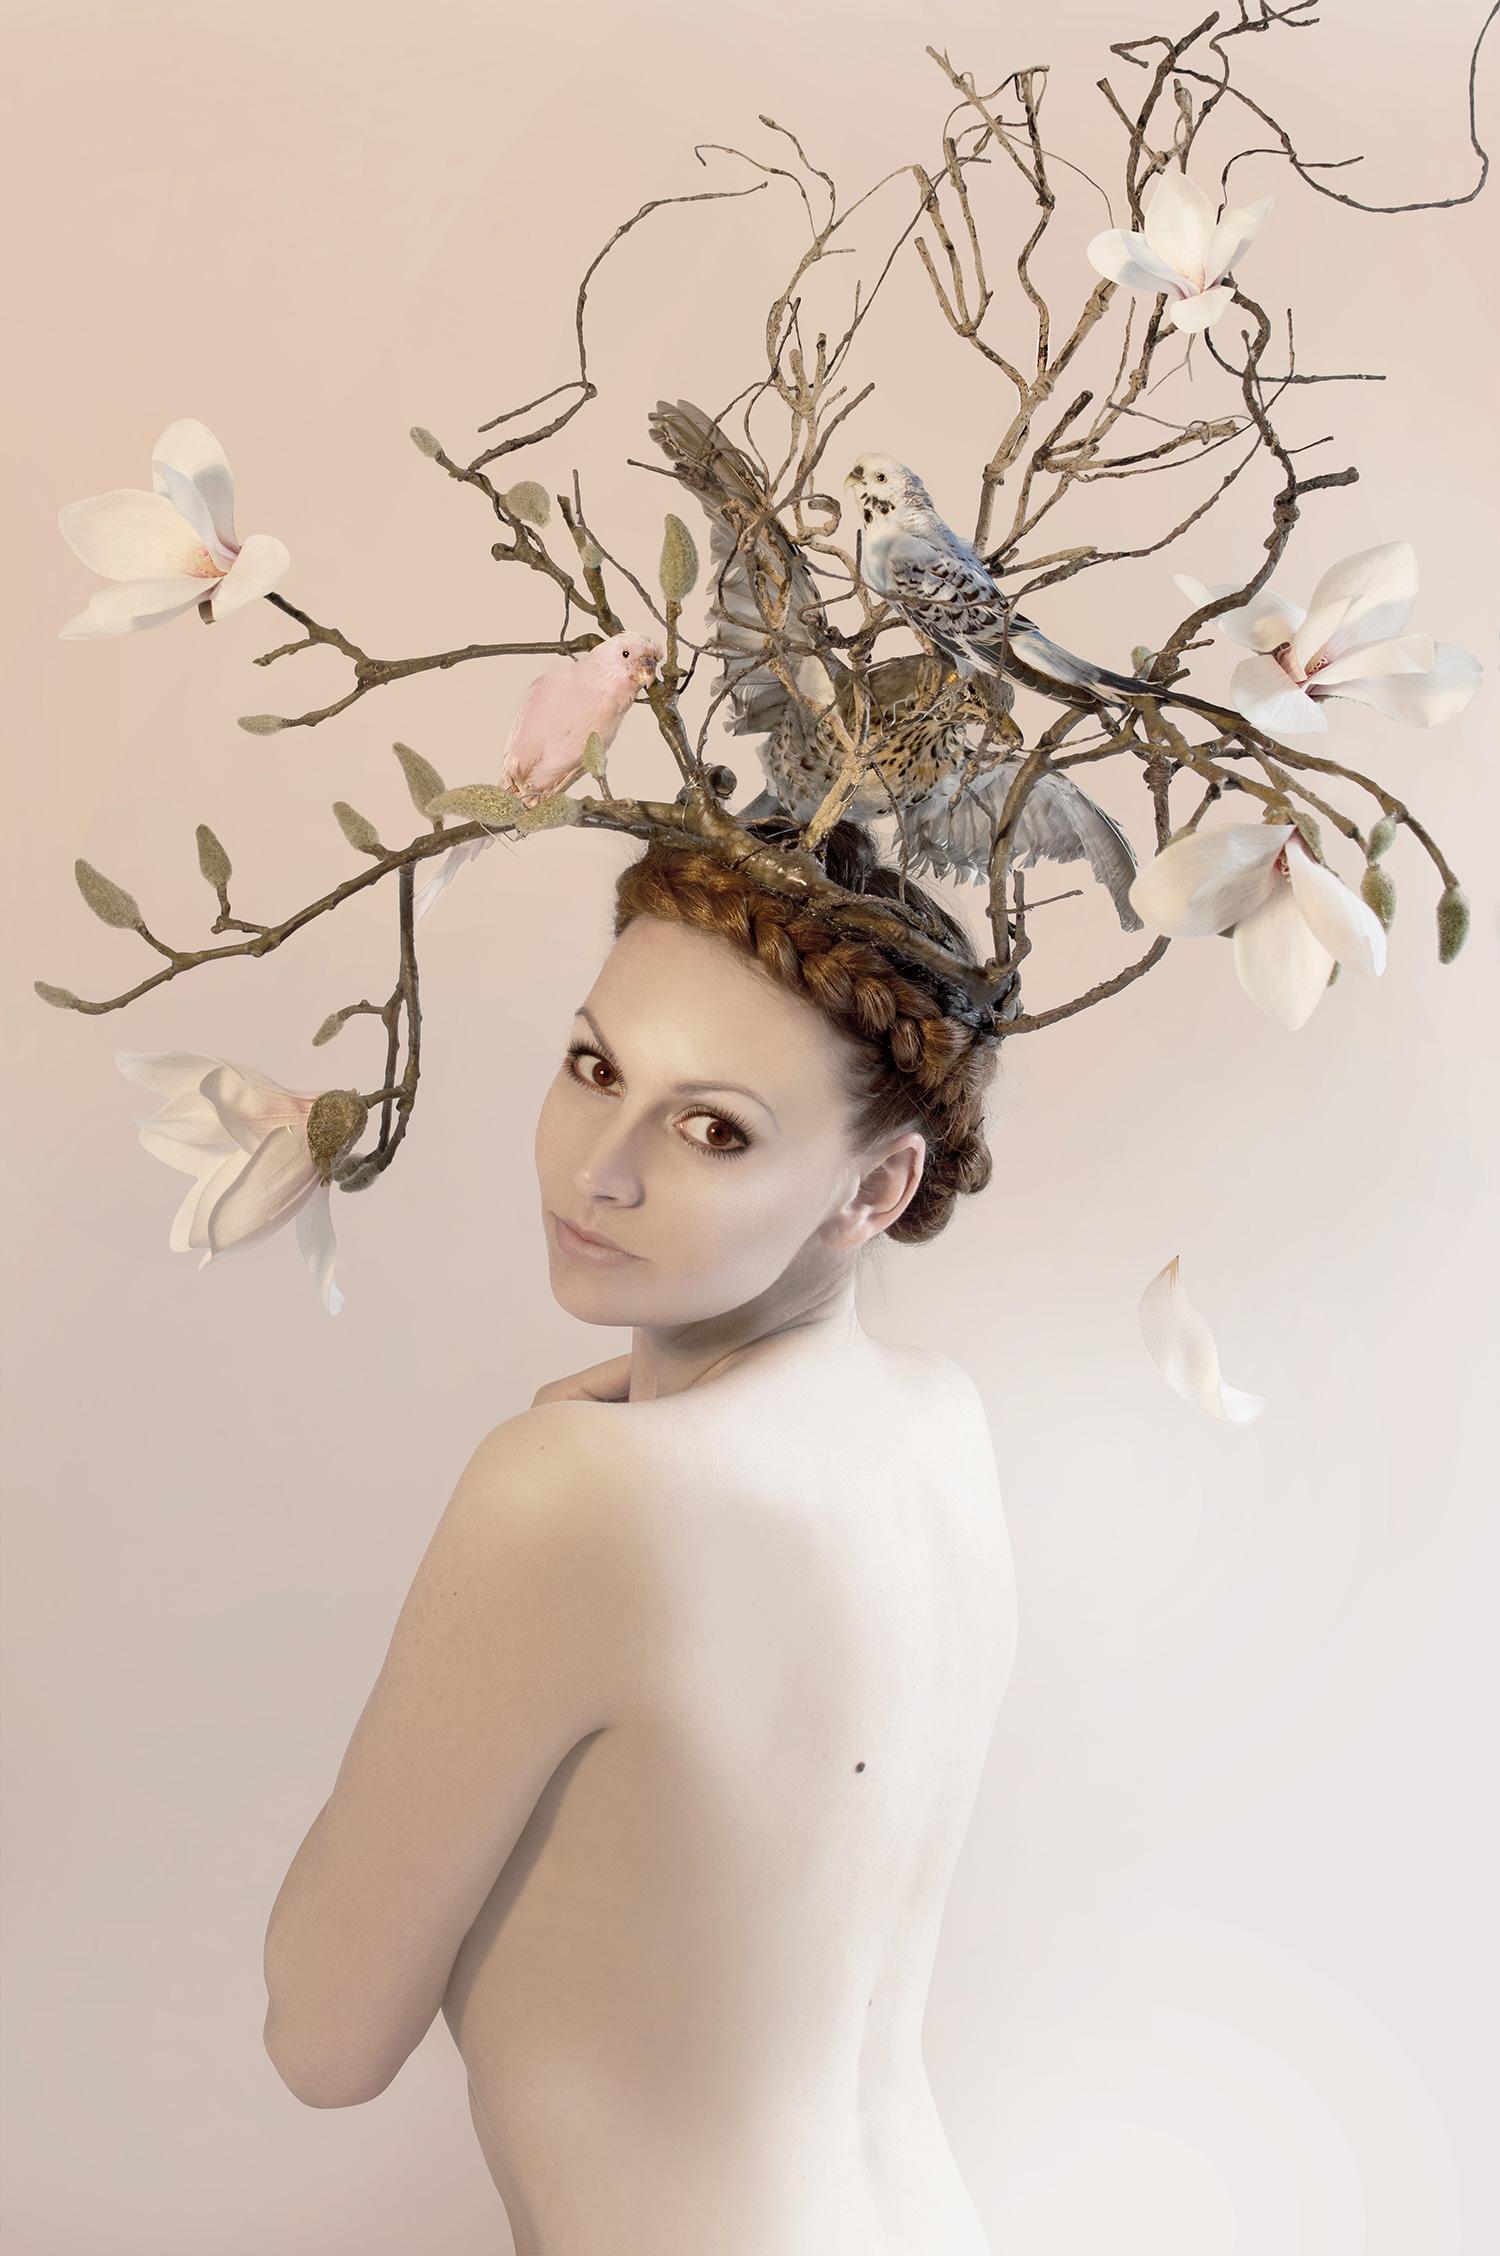 Delphine Celcig - Prelude